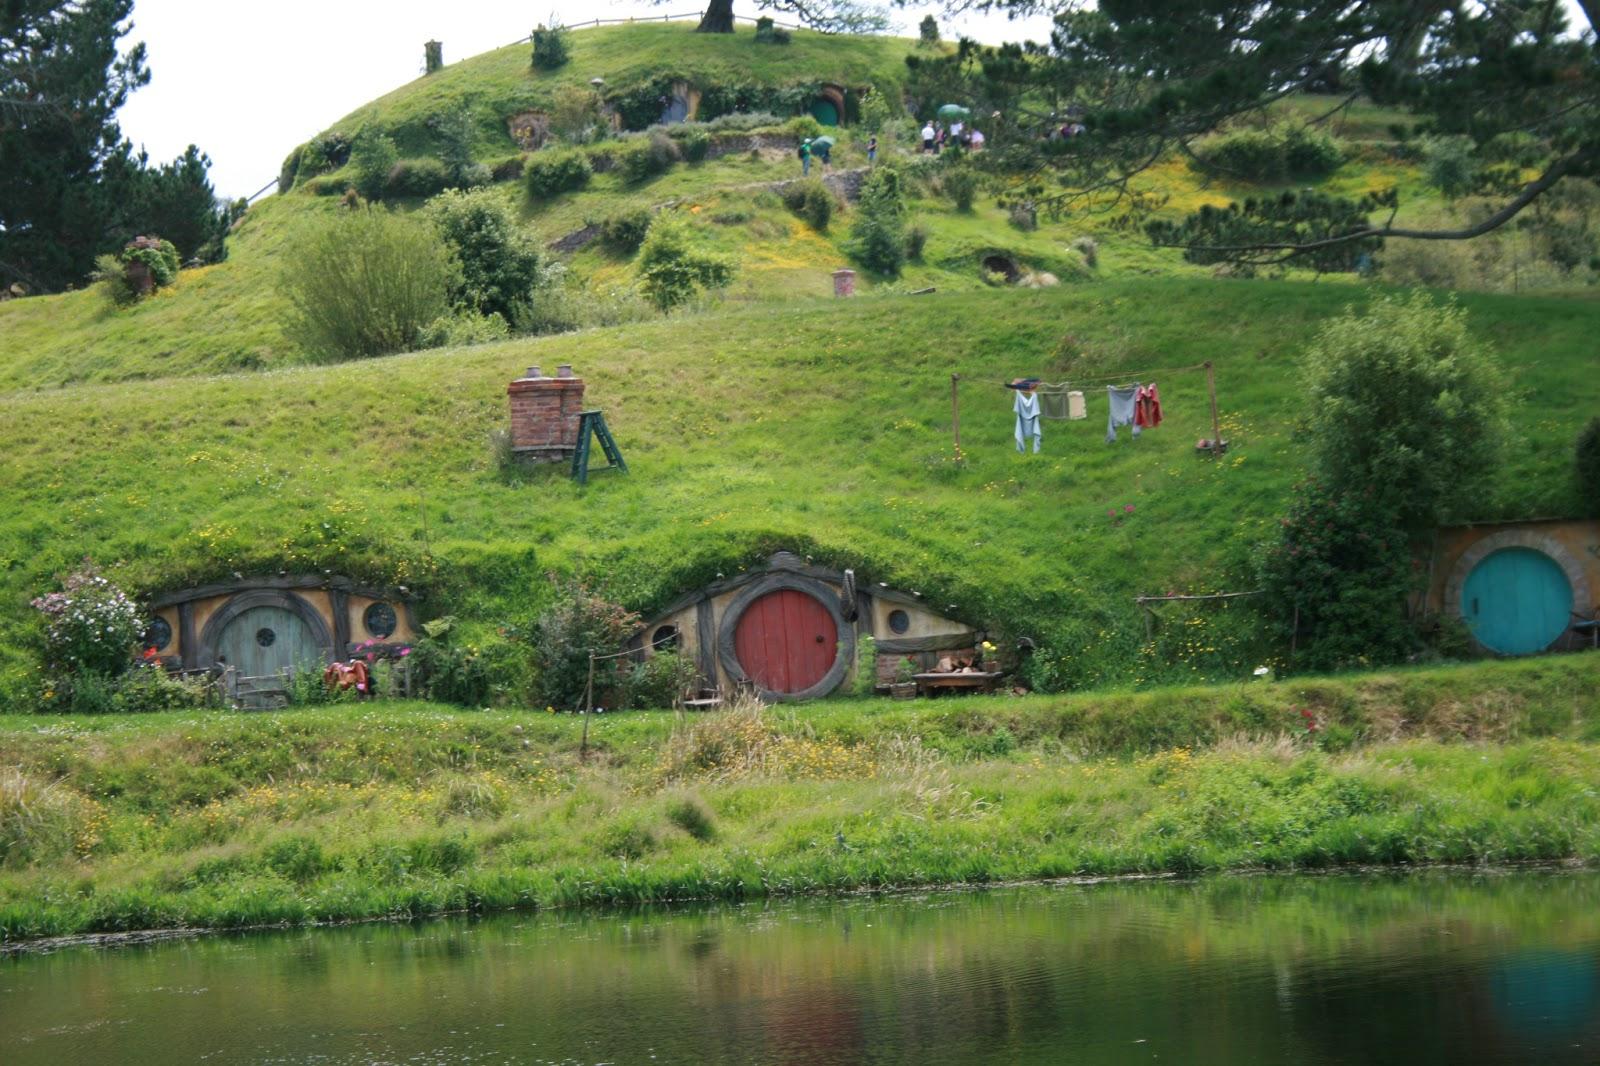 New Zealland Hobbit Homes For Sale